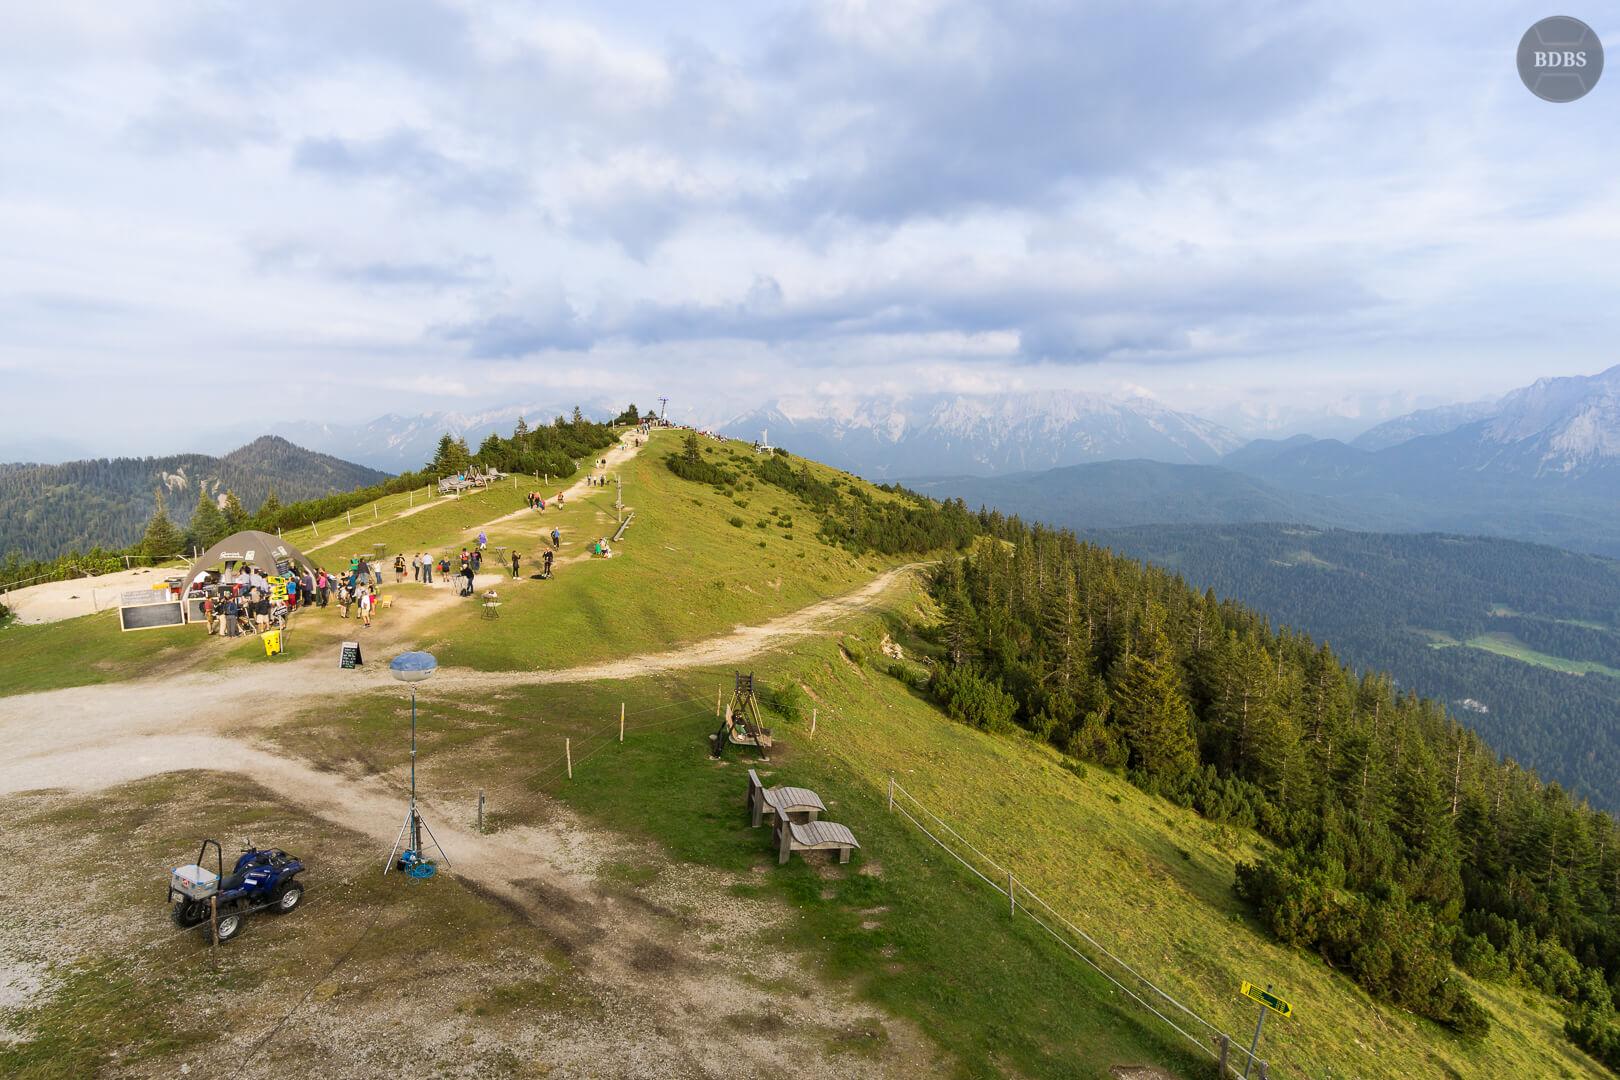 Bergfestival am Wank 2019 @ Wank / Nahe der Bergstation | Garmisch-Partenkirchen | Bayern | Deutschland